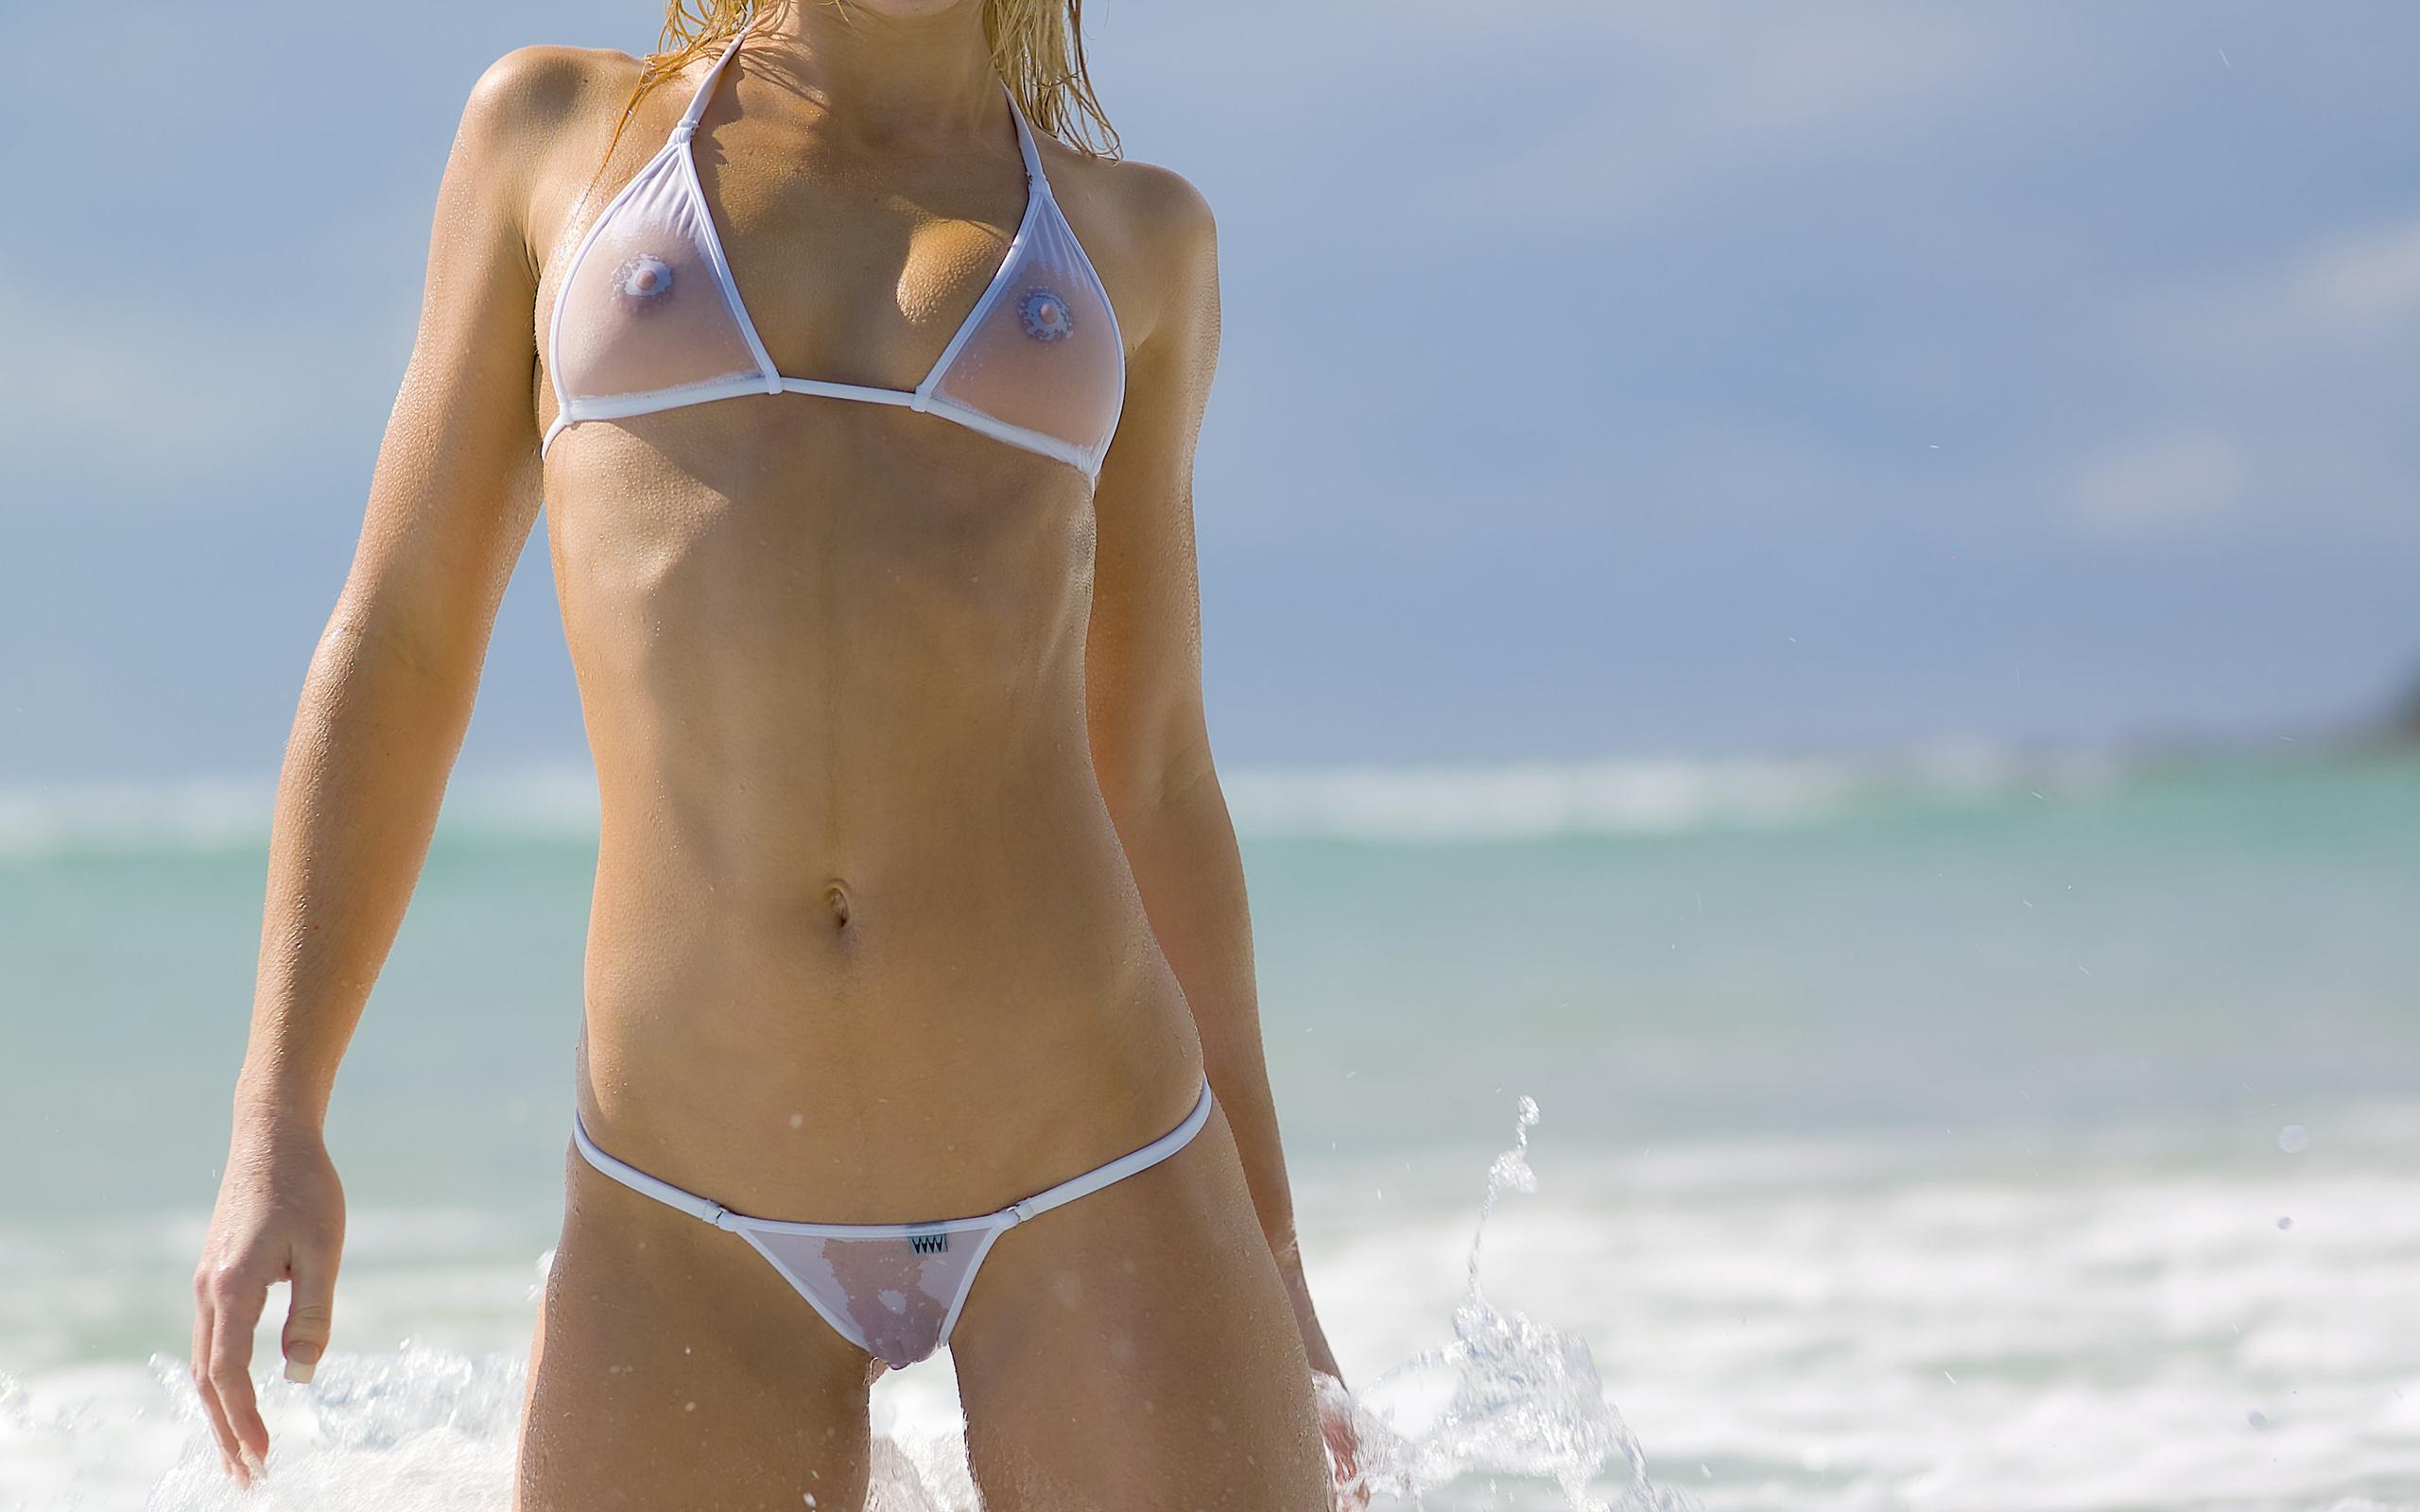 Фото попочек в прозрачном купальнике, гинекологи извращенцы раздевают молодых девушек